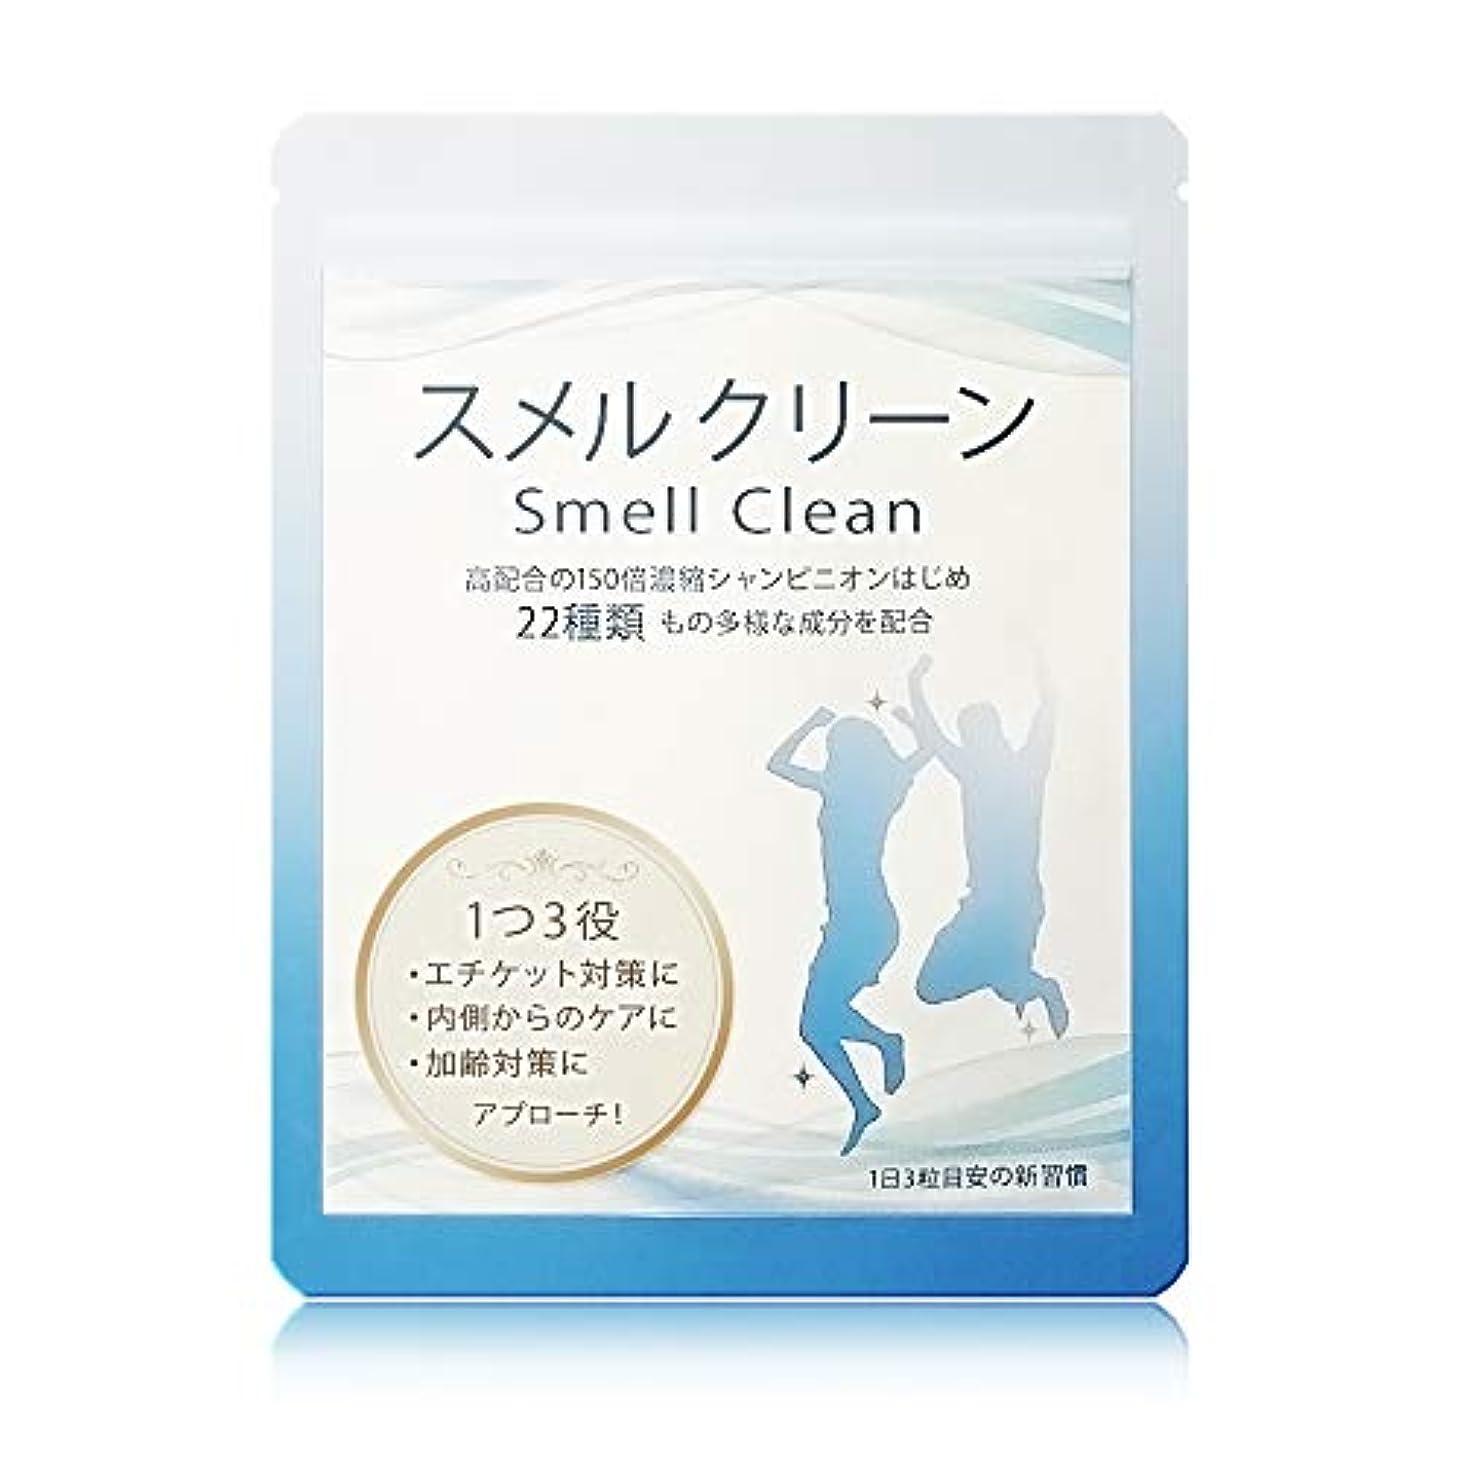 モルヒネシーサイドパイプスメルクリーン 口臭 体臭 加齢臭 対策 サプリ シャンピニオン 緑茶カテキン レスベラトロール 22種類の多様な成分 30日分